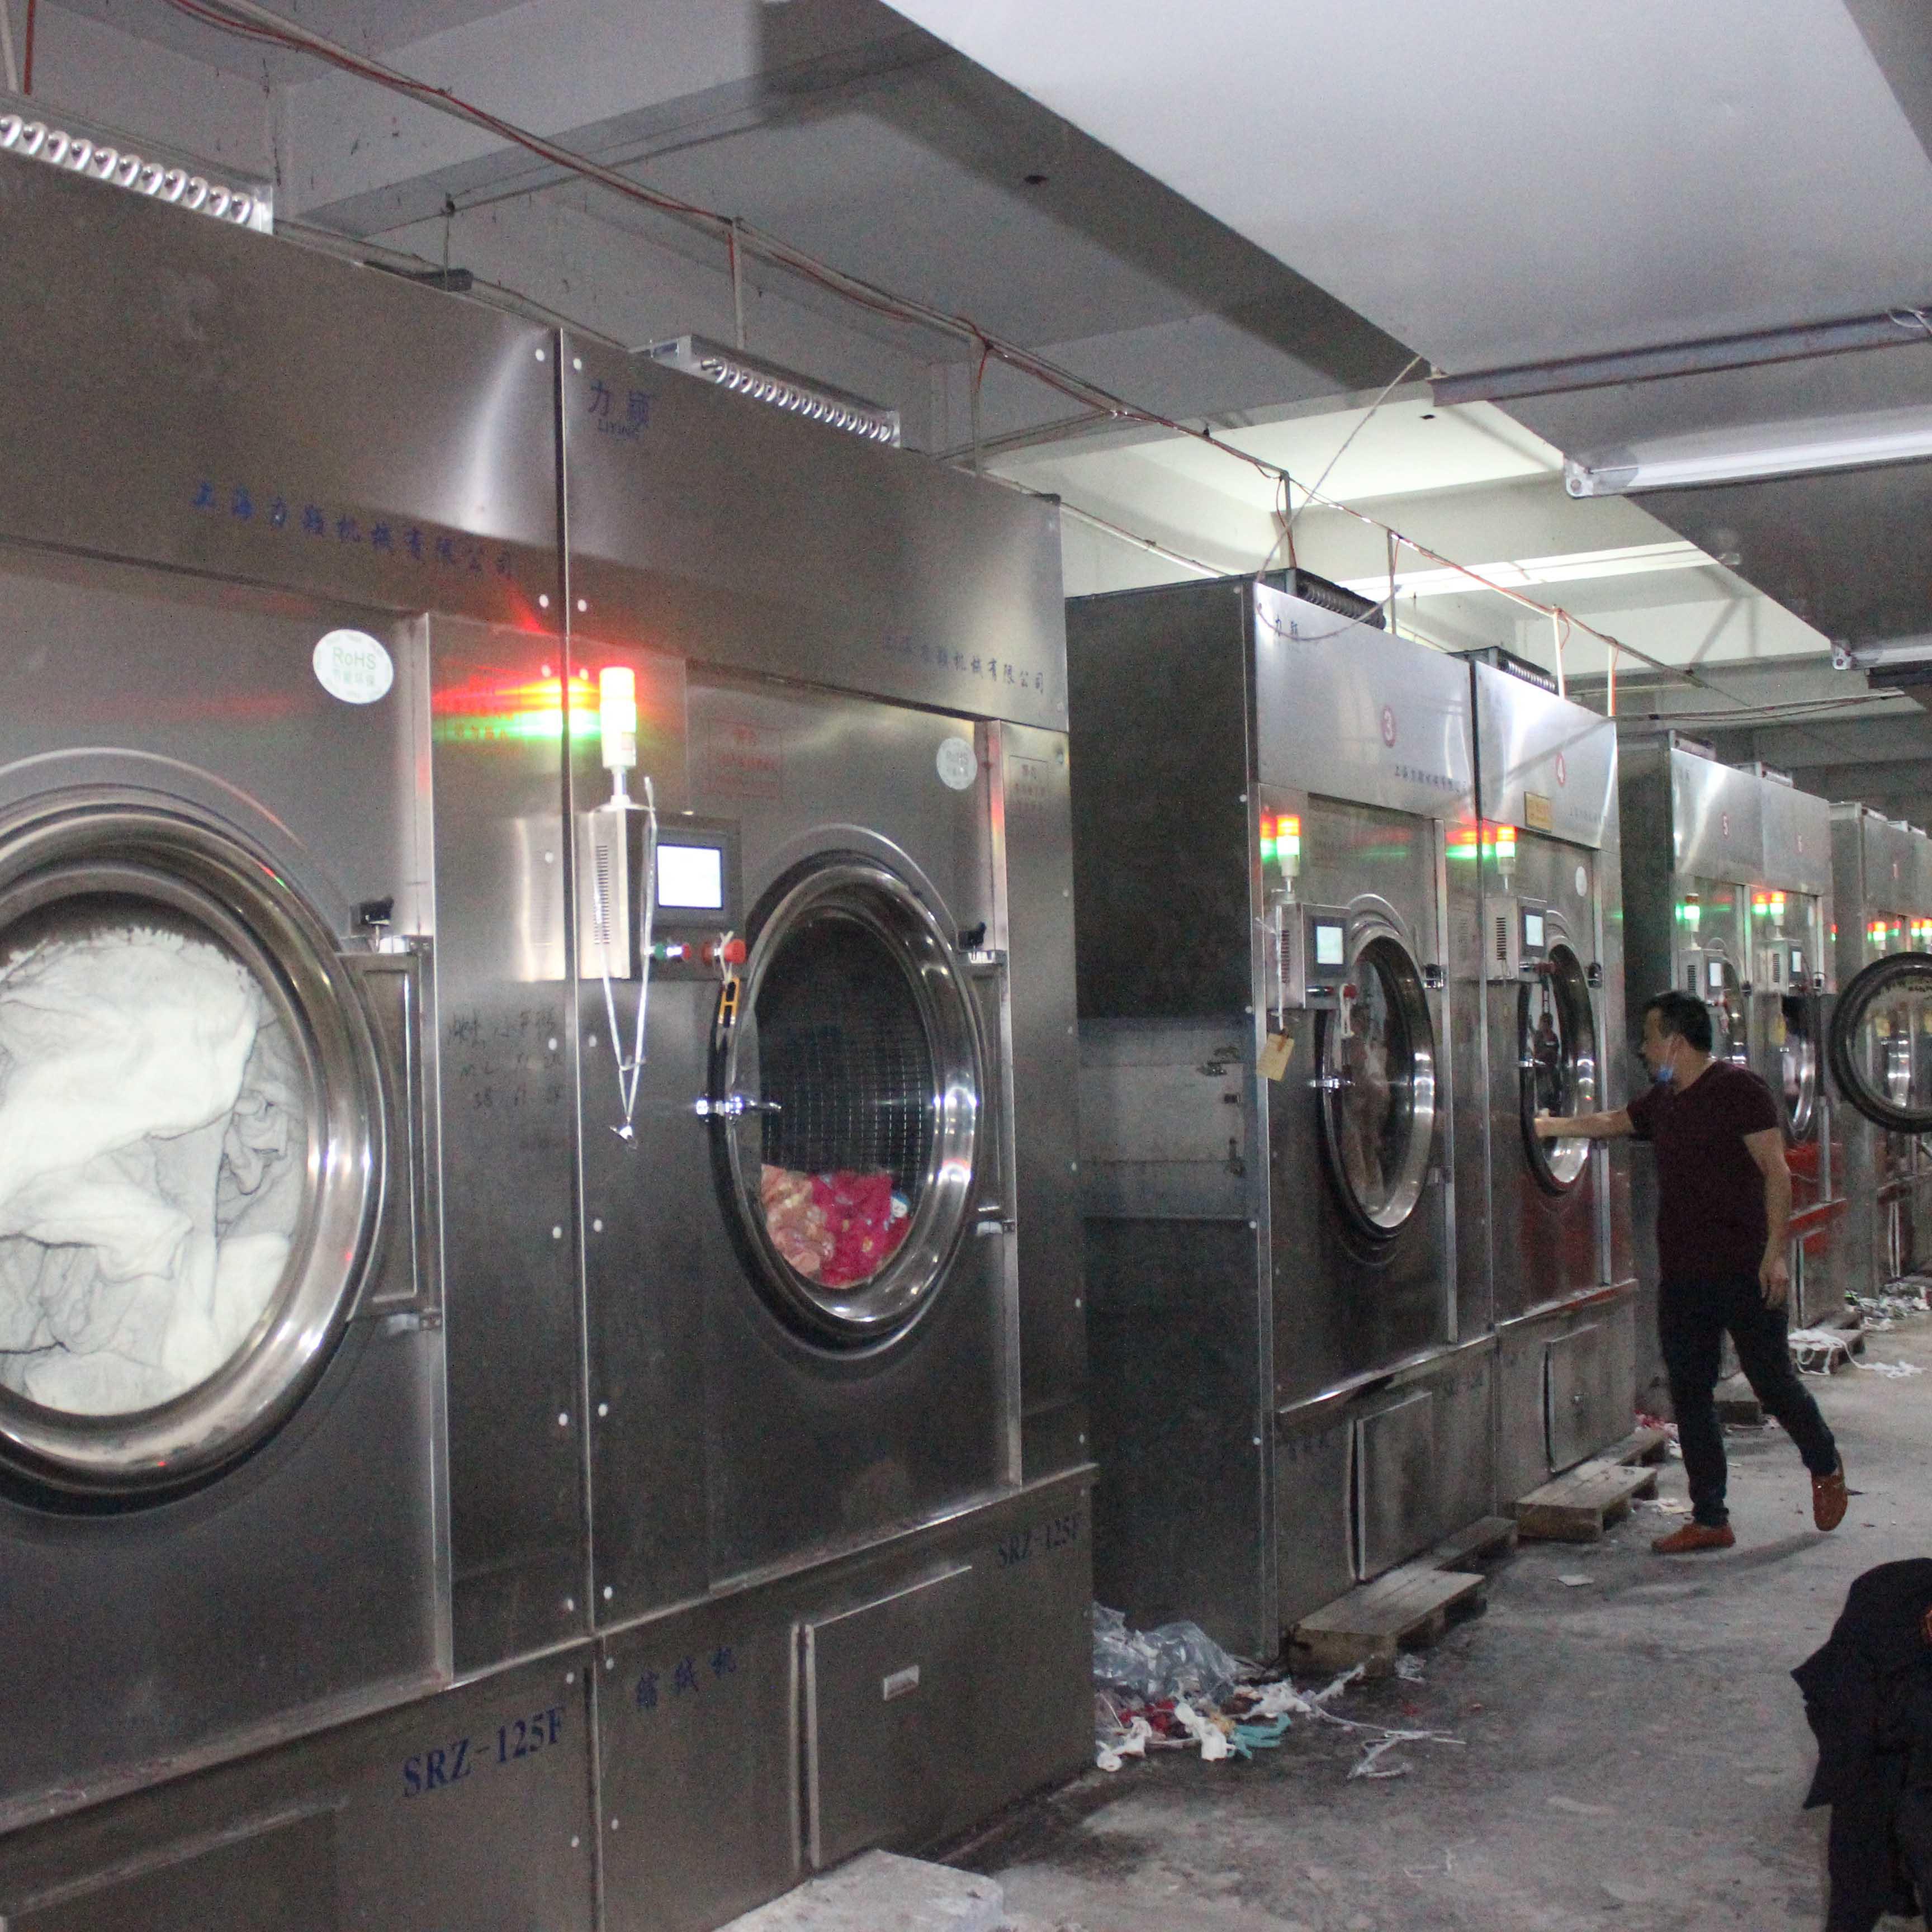 烟台某某服装缩绒厂_工业专用洗衣机,工业水洗机,工业大型洗衣机,工业洗涤机械